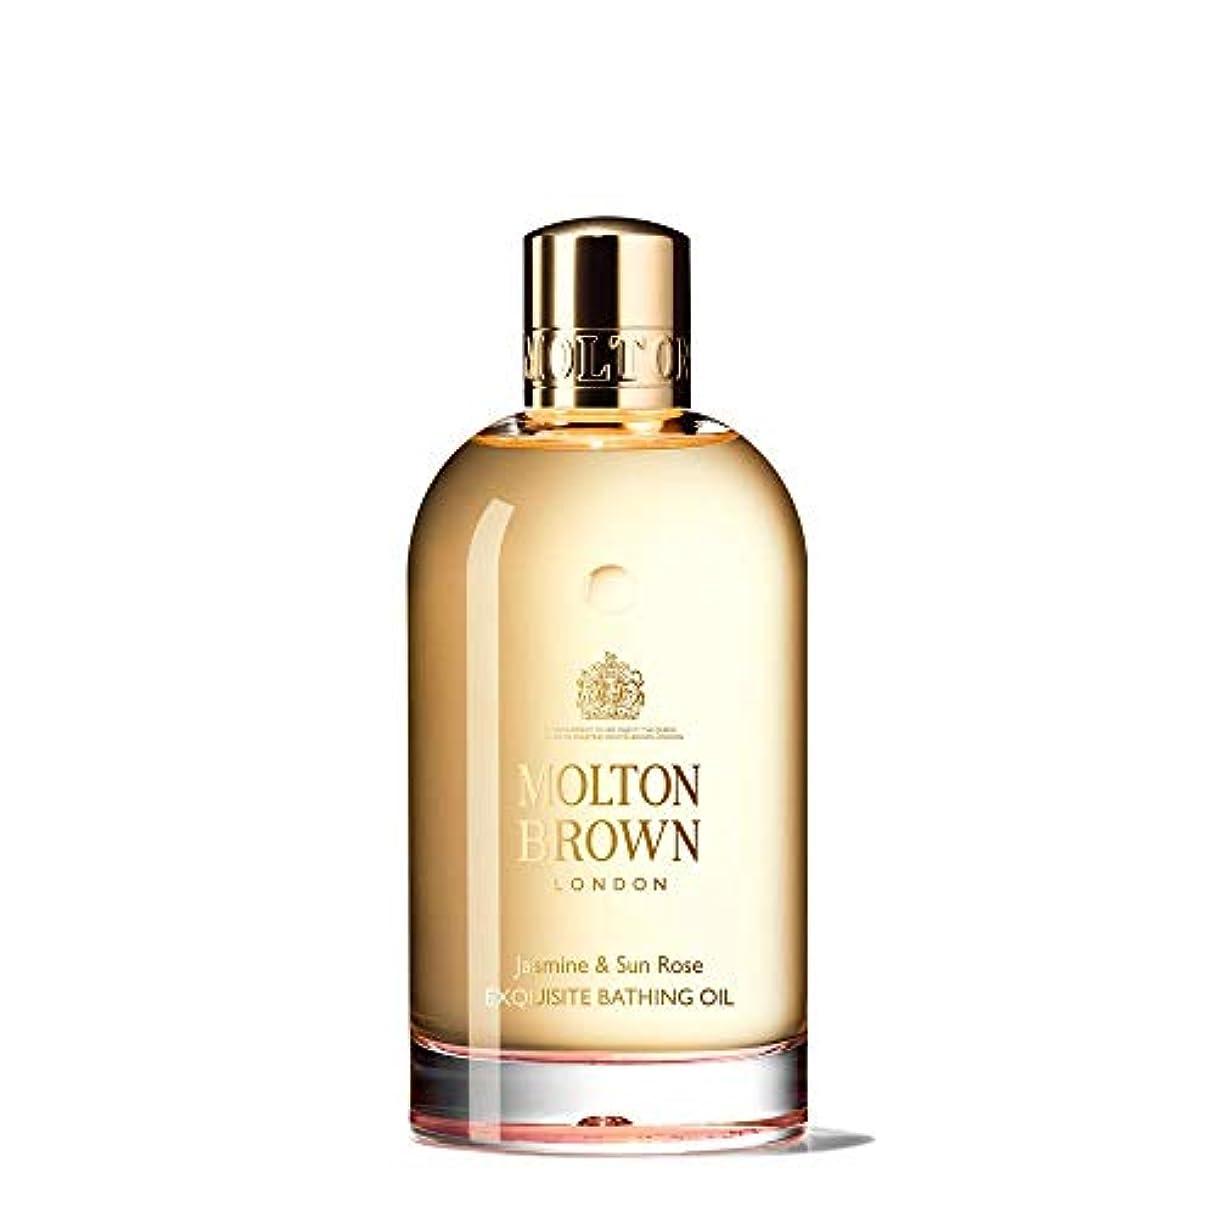 アサーきらきらせせらぎMOLTON BROWN(モルトンブラウン) ジャスミン&サンローズ コレクション J&SR ベージングオイル 入浴剤 200ml